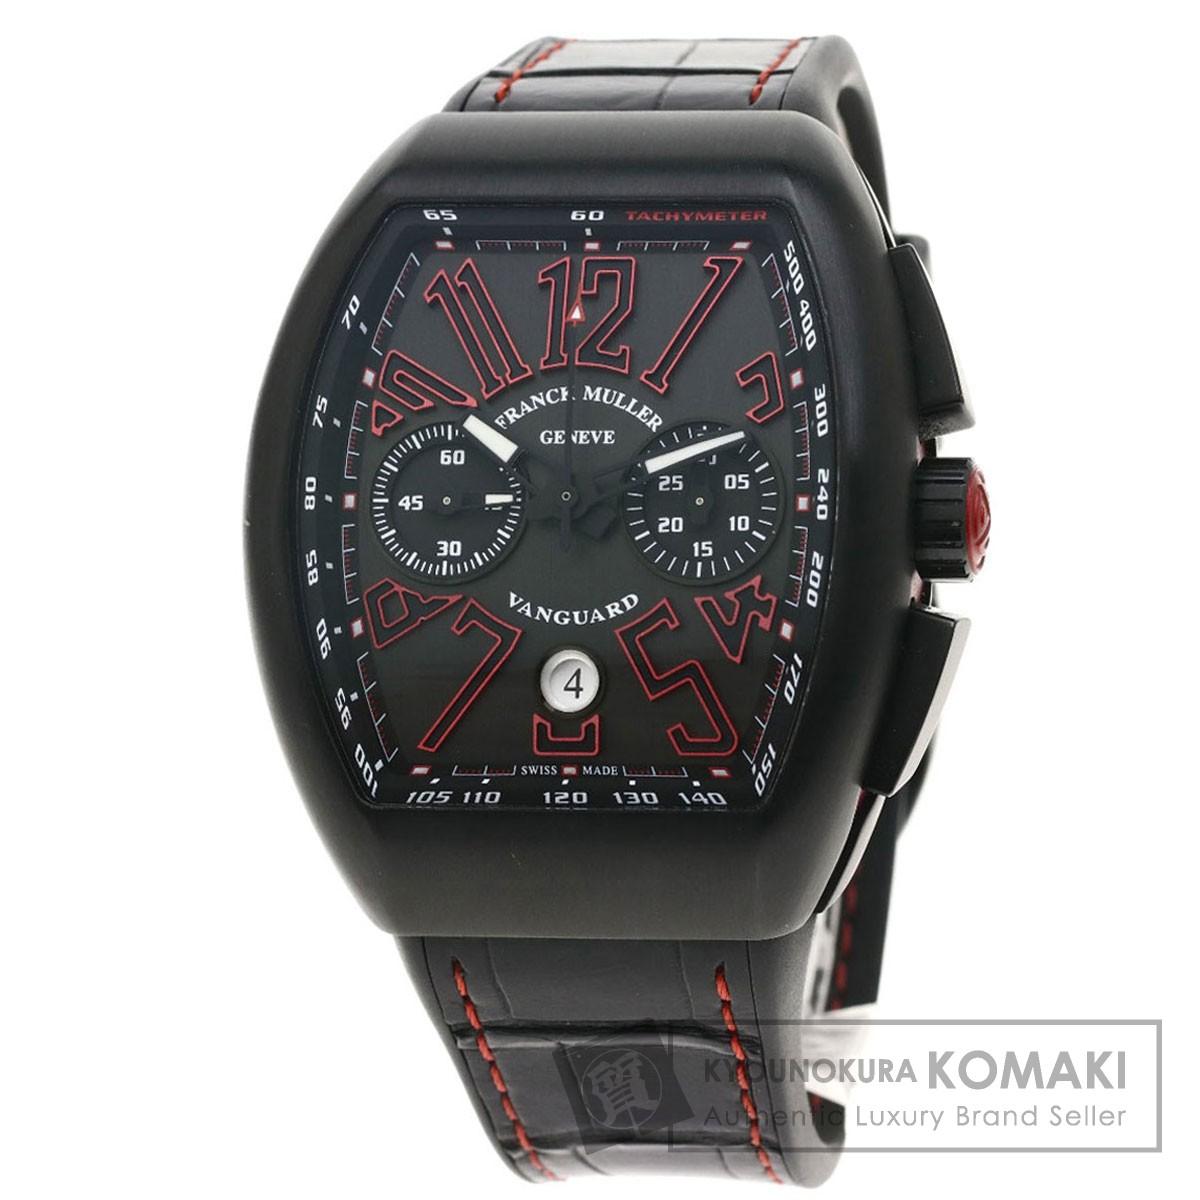 フランクミュラー V45CCDT ヴァンガード クロノ 腕時計 チタン/革xラバー メンズ 【中古】【FRANCK MULLER】